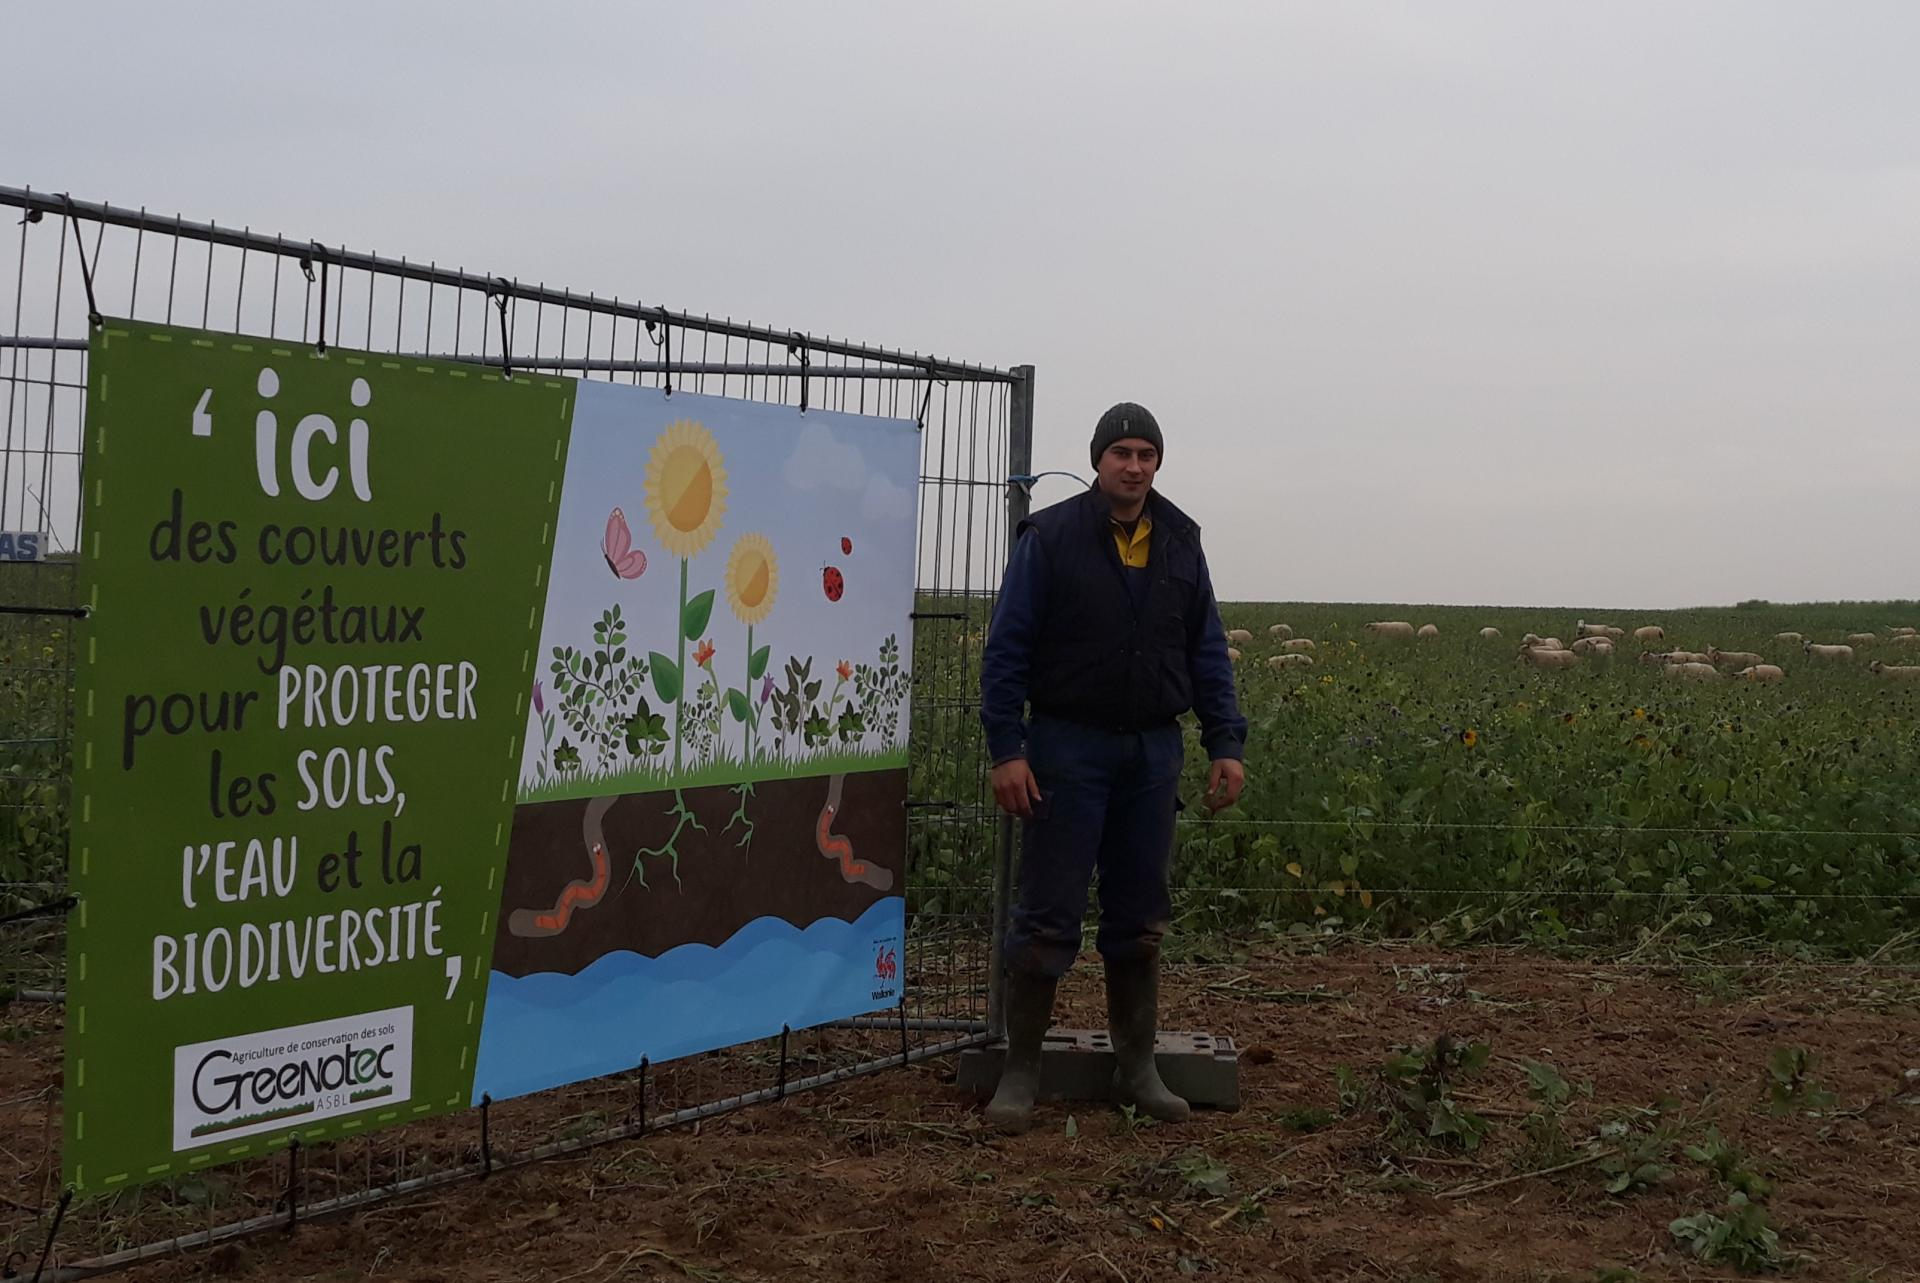 Affiche couvert végétaux